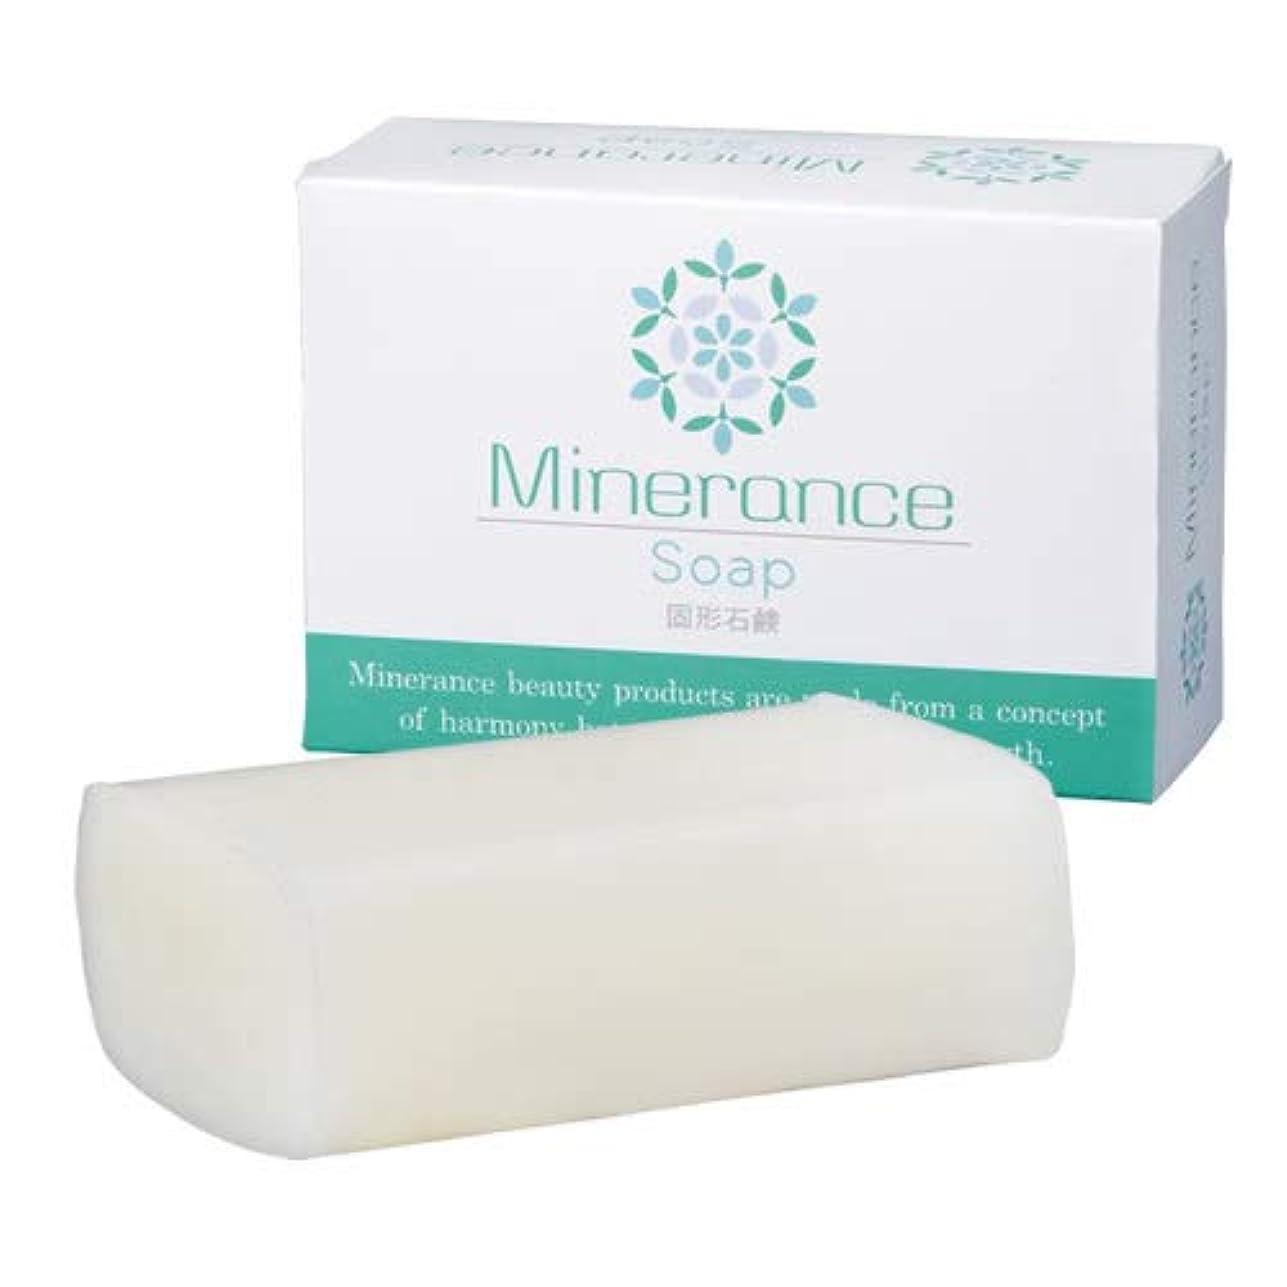 カラス剃るセミナーミネランス ソープ 固形 石鹸 90g